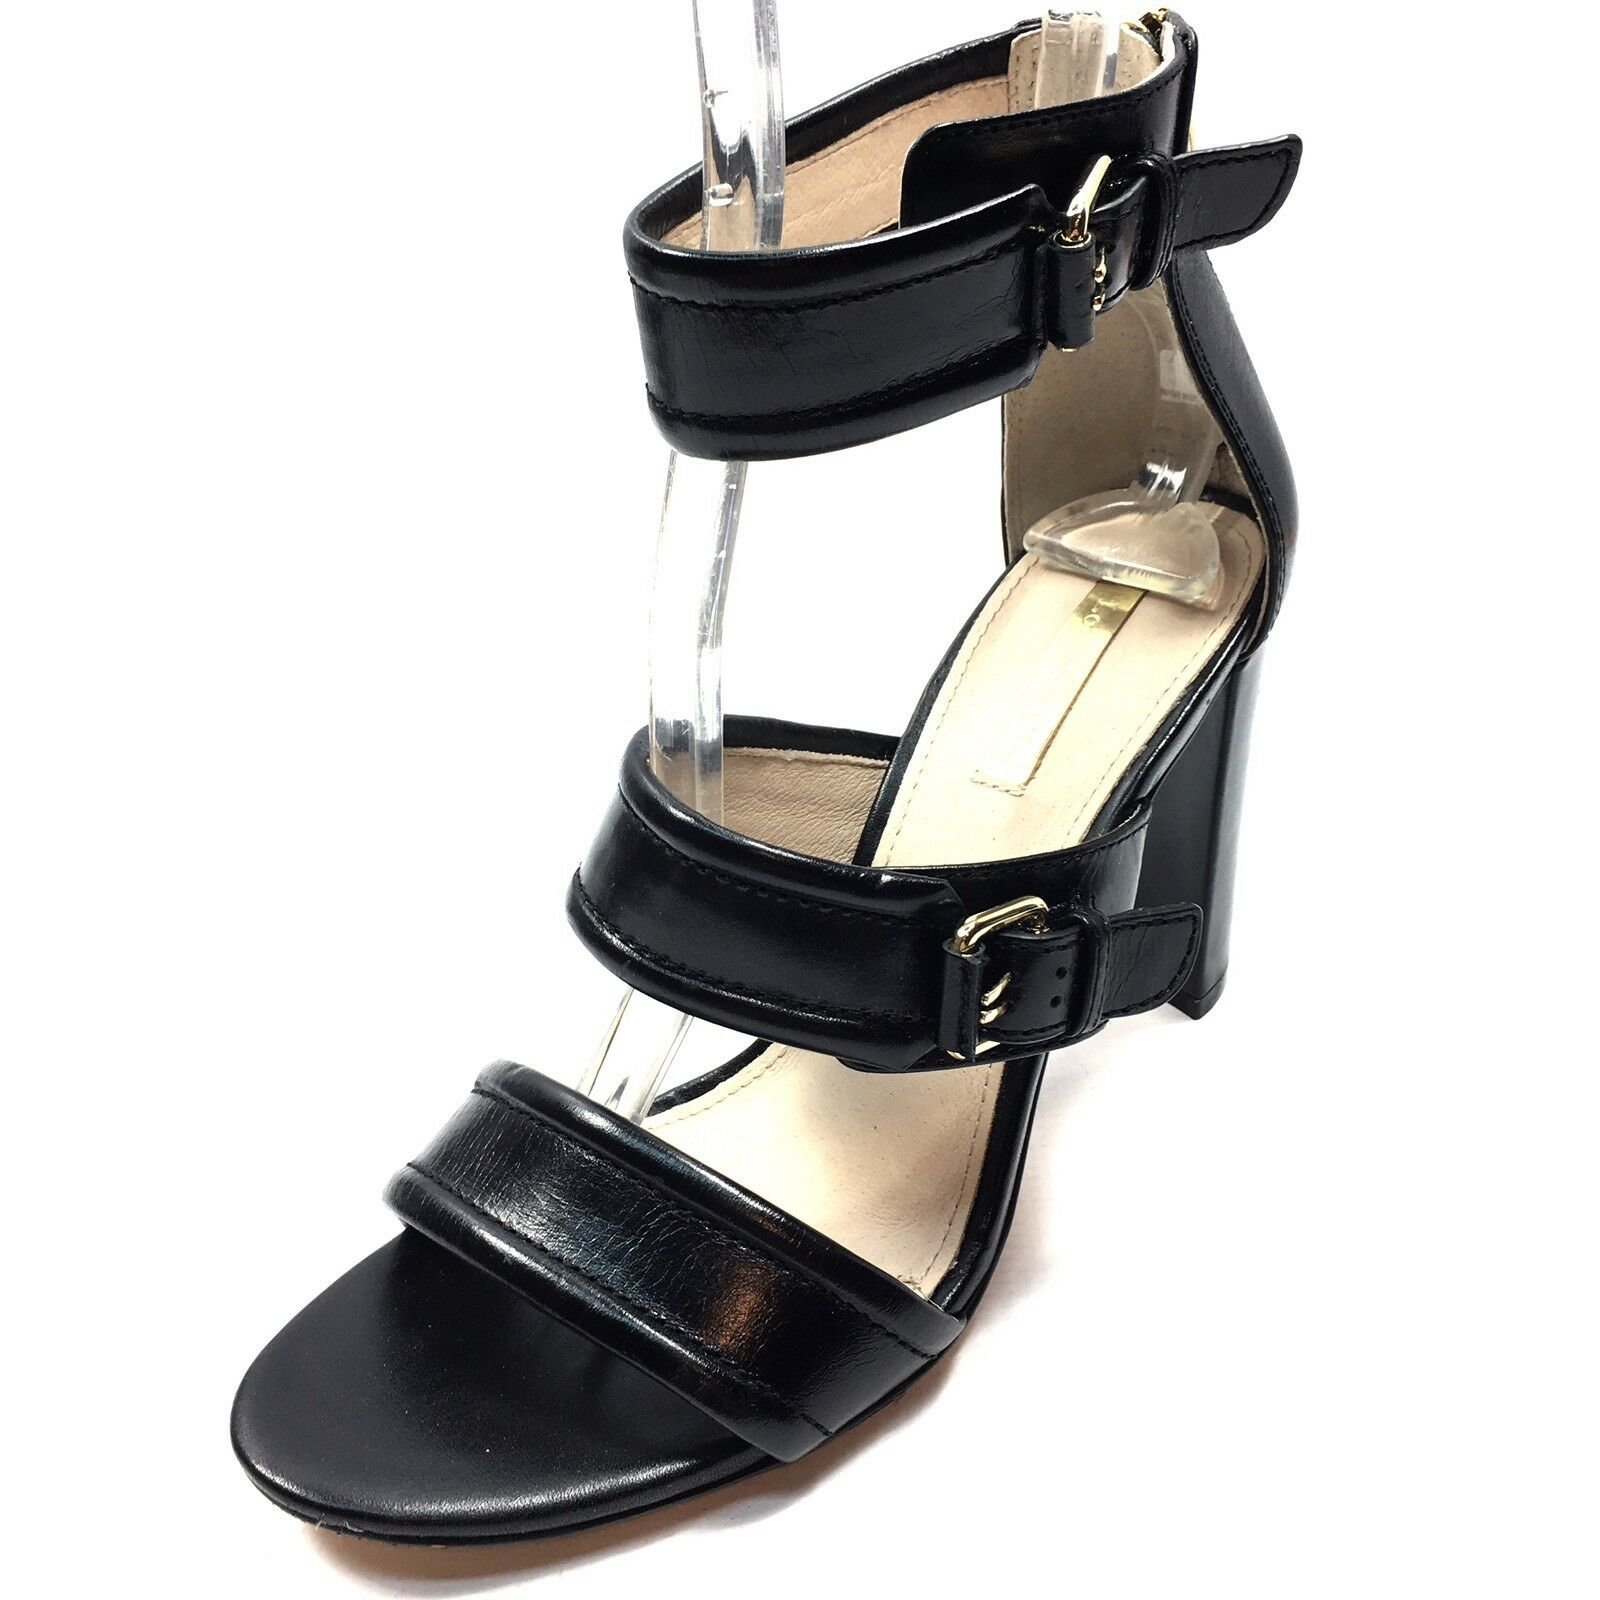 Louise et Cie Gisabel Women's Ankle Strap Sandals Black Leather Size 7.5 M